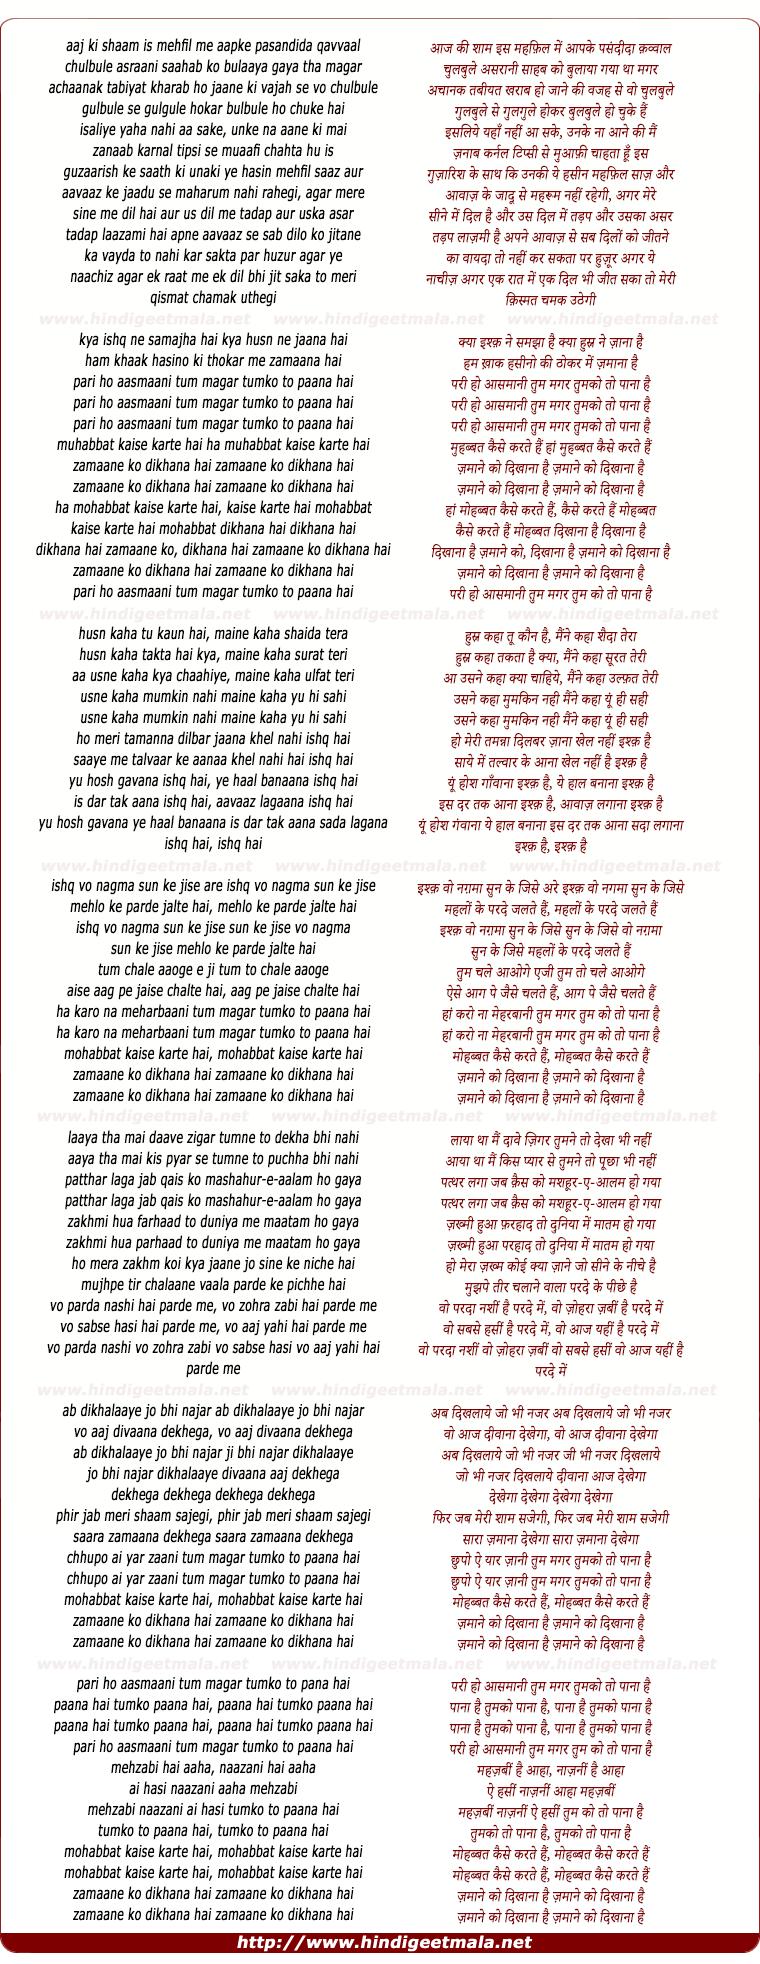 lyrics of song Kya Ishq Ne Samjha Hai Zamane Ko Dikhana Hai